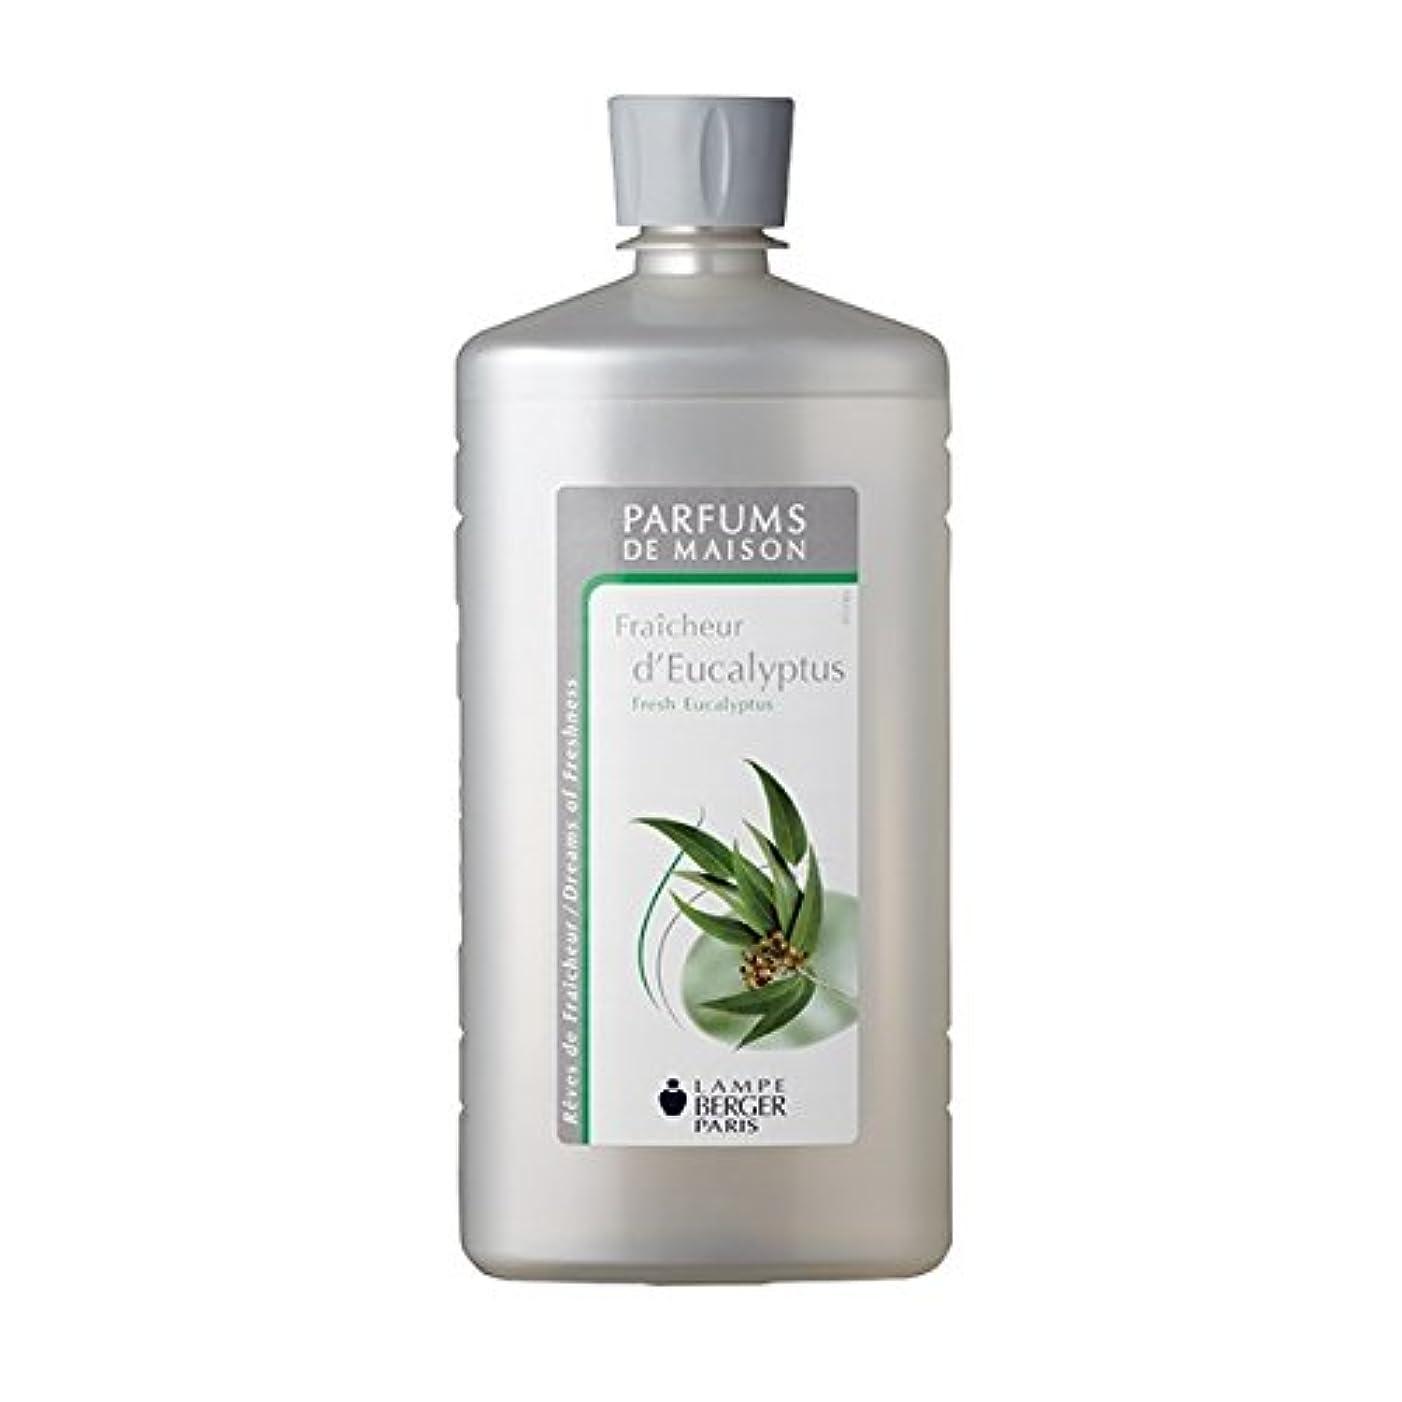 ラブ洗練パステルランプベルジェオイル(ユーカリ)Fra?cheur d'Eucalyptus Fresh Eucalyptus